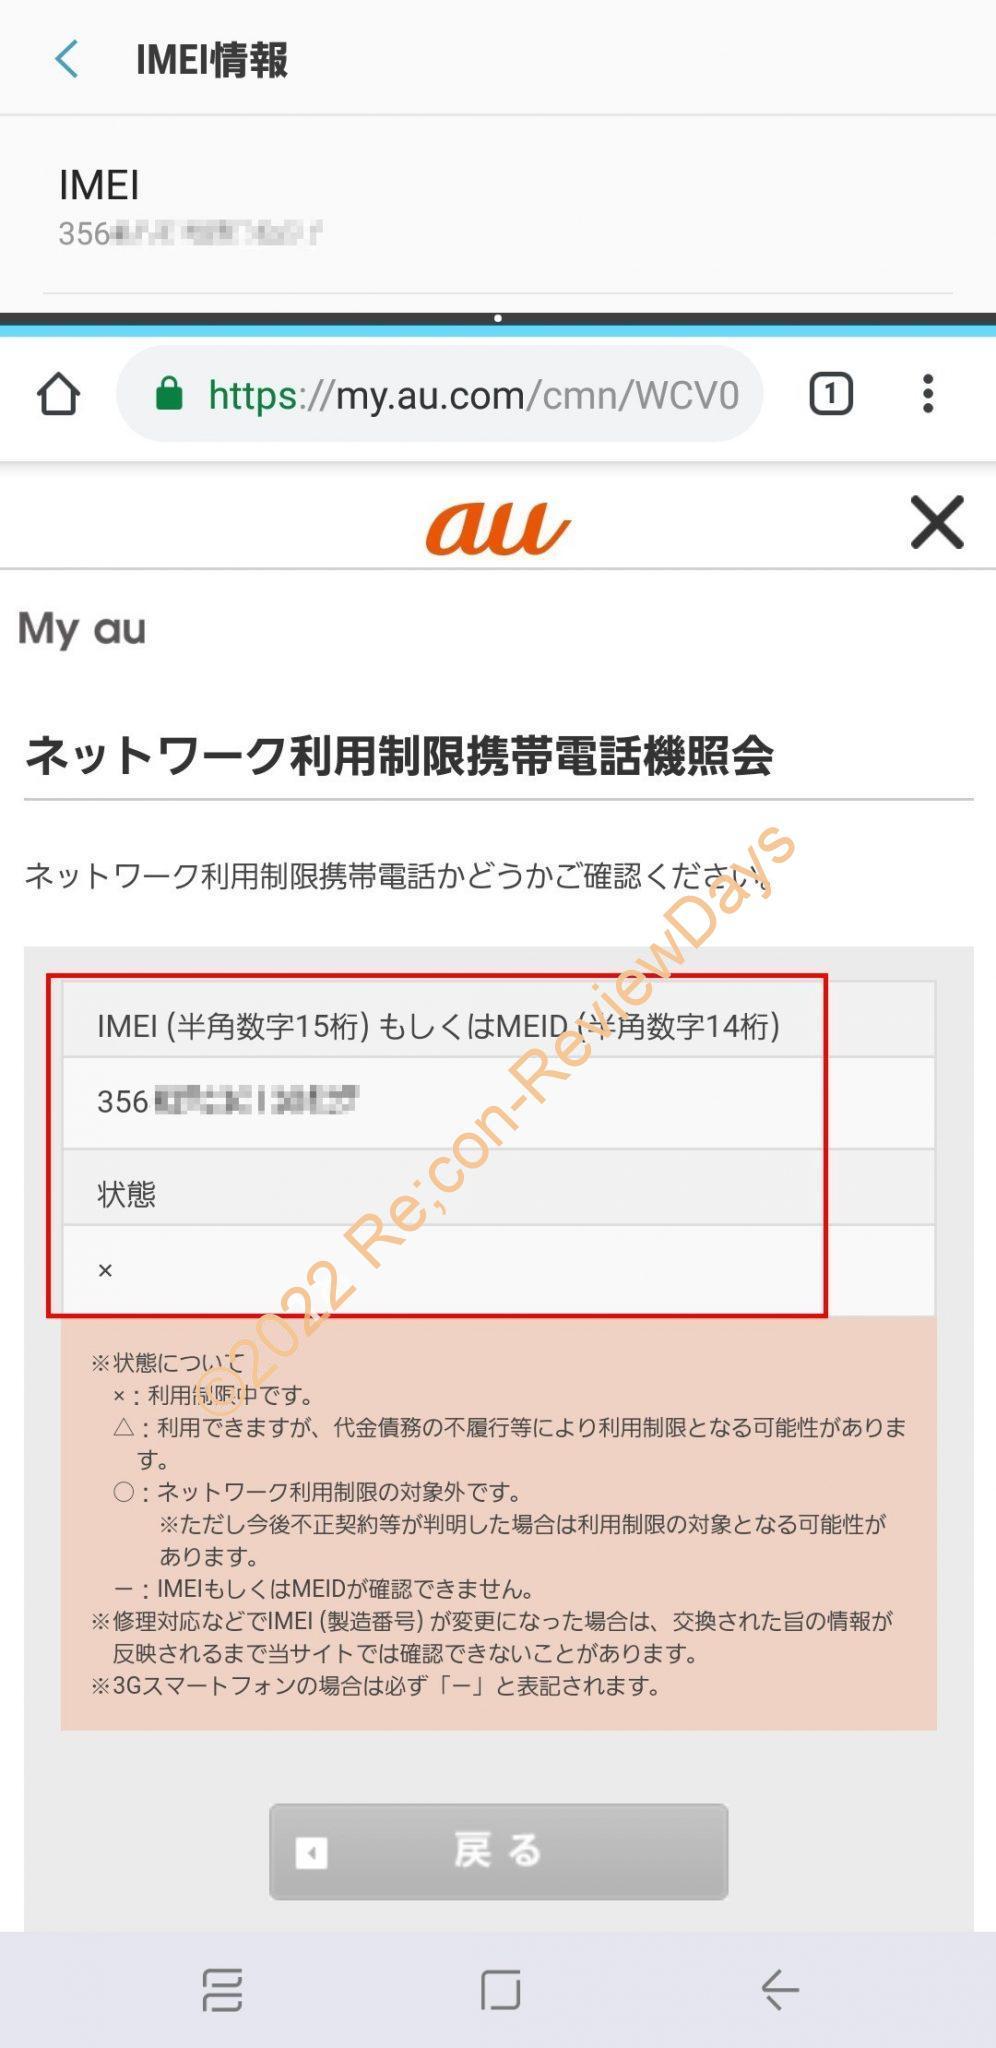 ゲオモバイルで購入したSamsung GALAXY S8(SCV36)が赤ロムになってしまったお話 #ゲオ #ゲオモバイル #赤ROM #赤ロム